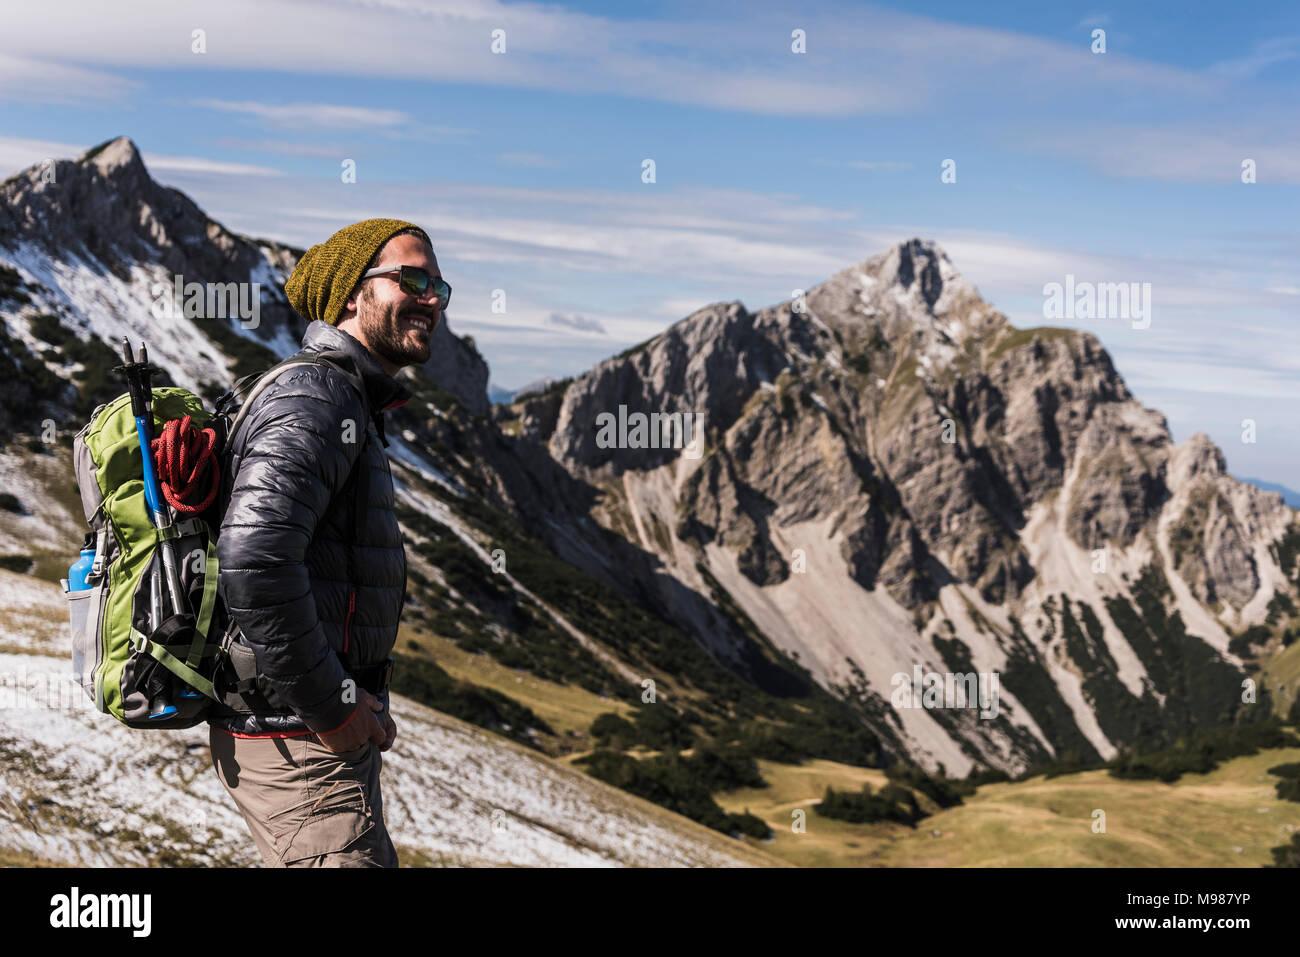 Austria, Tirol, sonriente joven en una excursión en las montañas Imagen De Stock